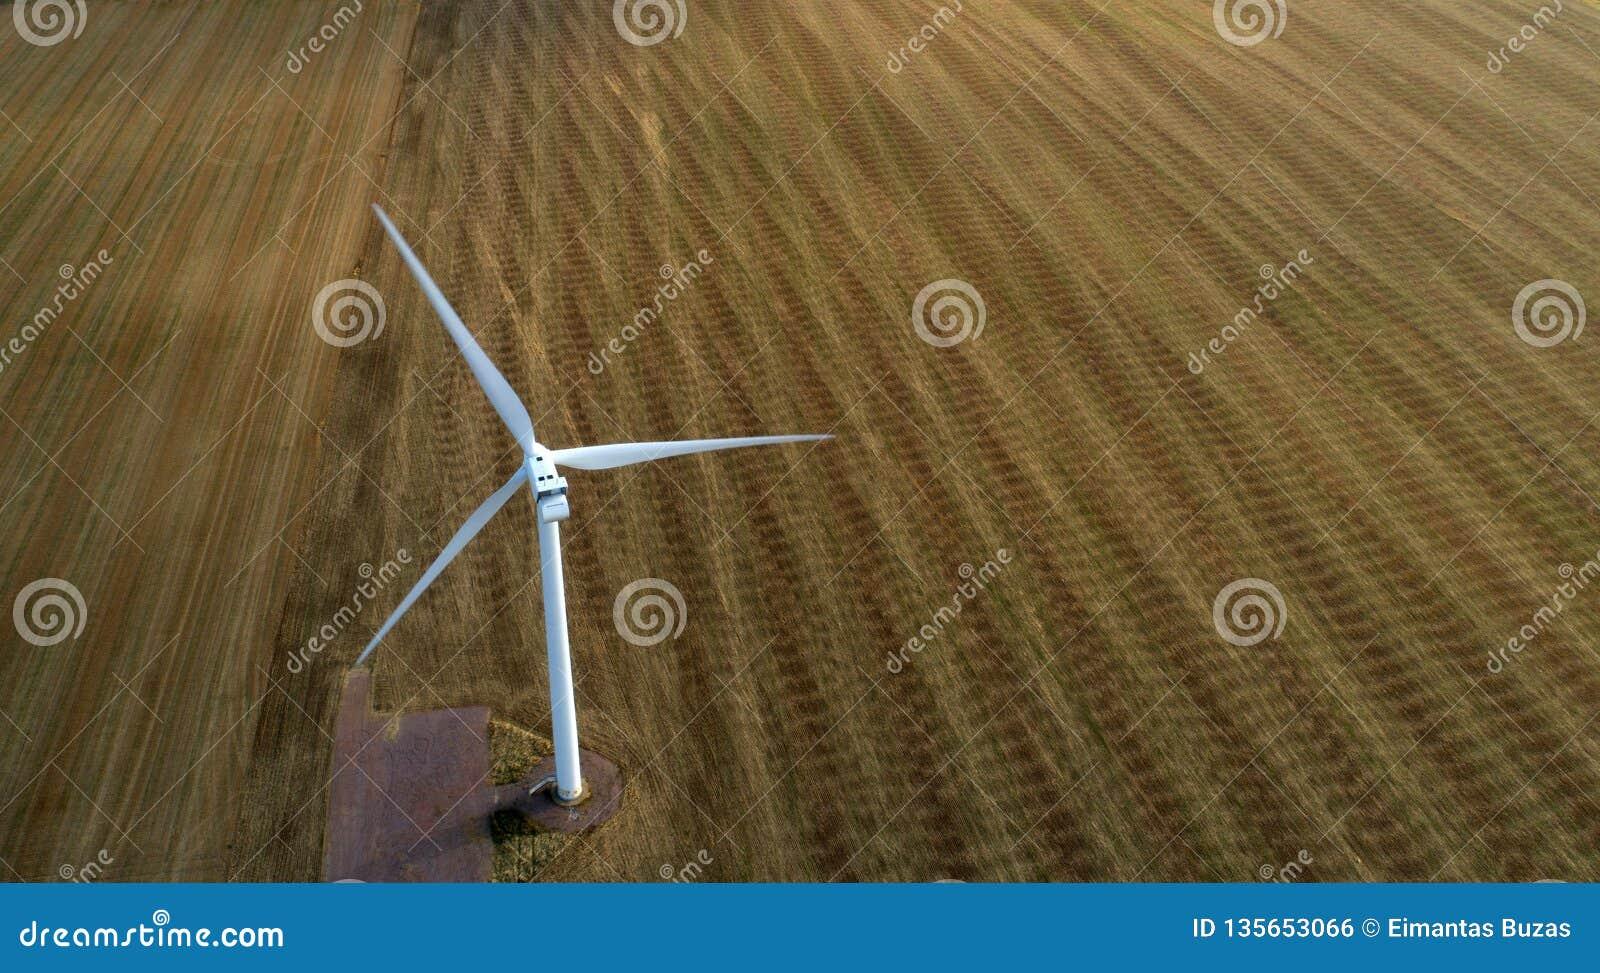 Turbina de vento no movimento